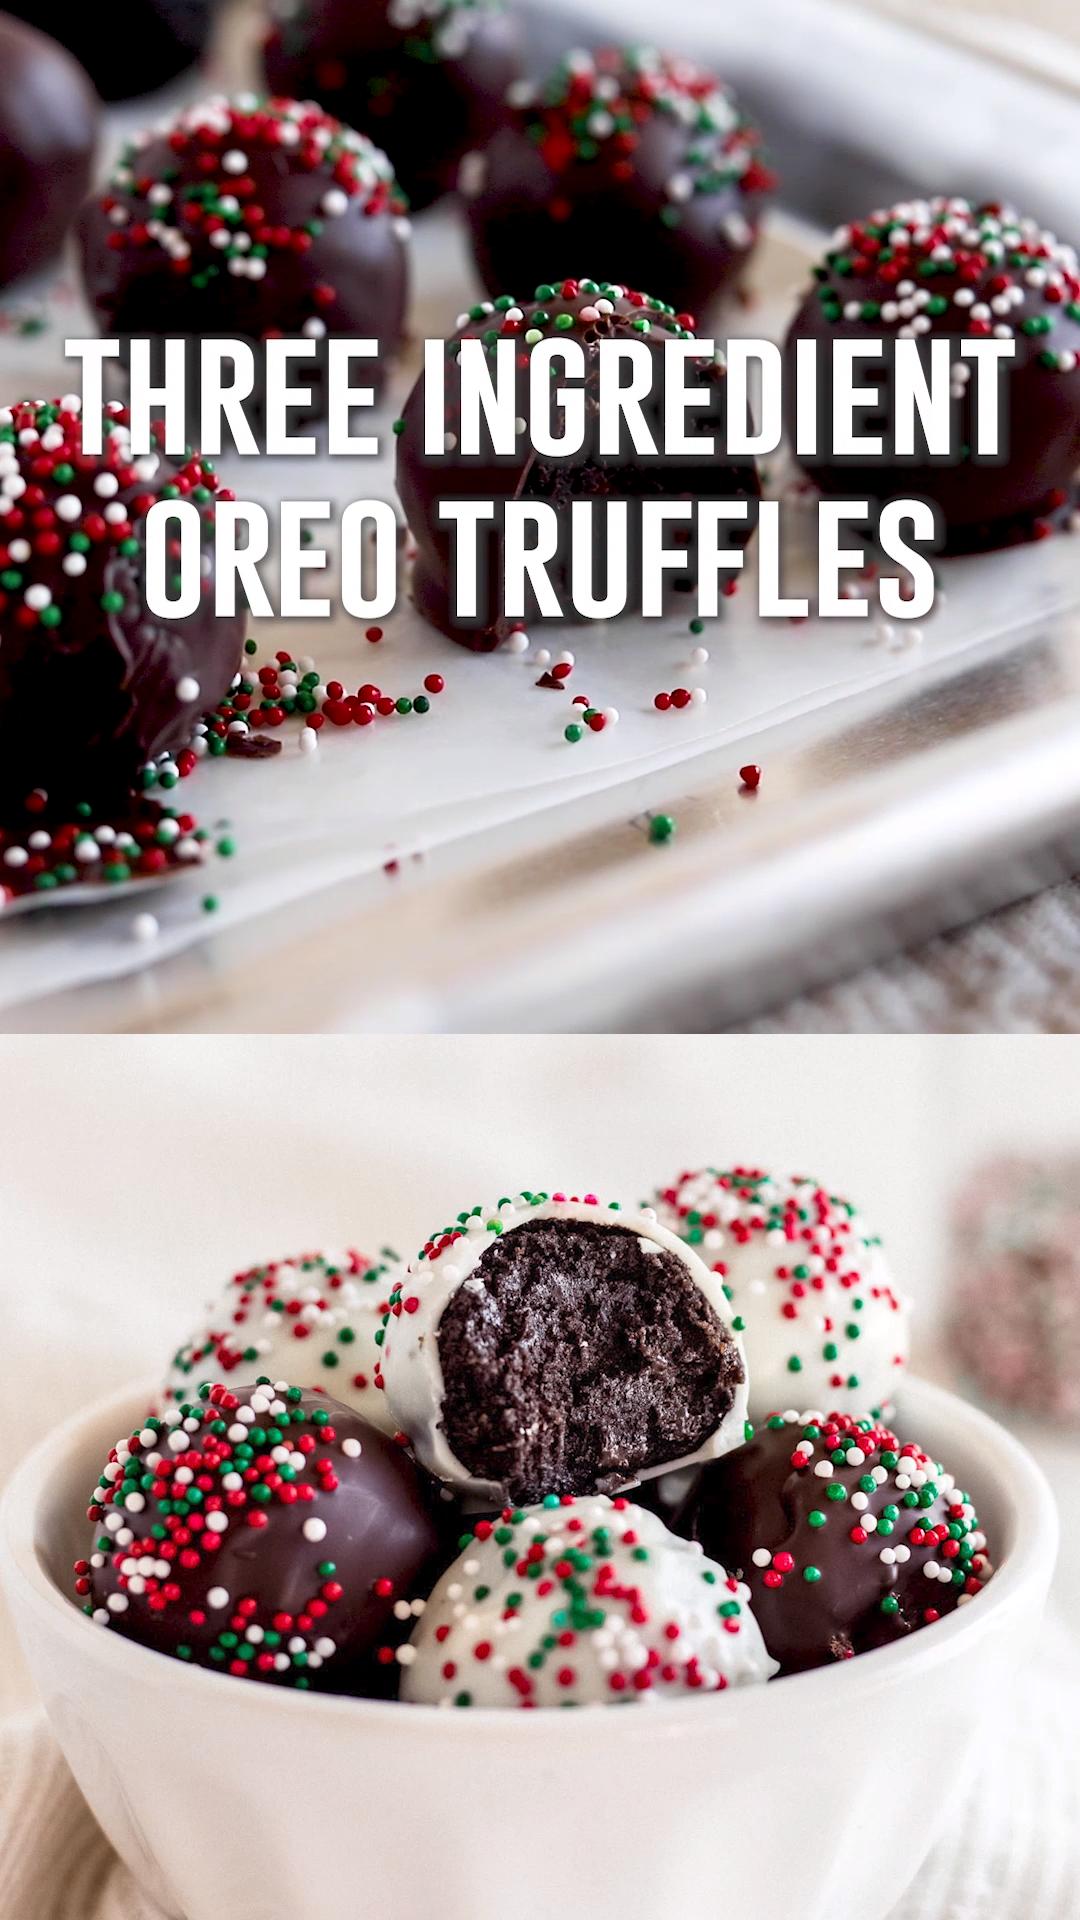 Trois ingrédients de truffes Oreo sont mélangés avec des biscuits Oreo et du fromage à la crème ...